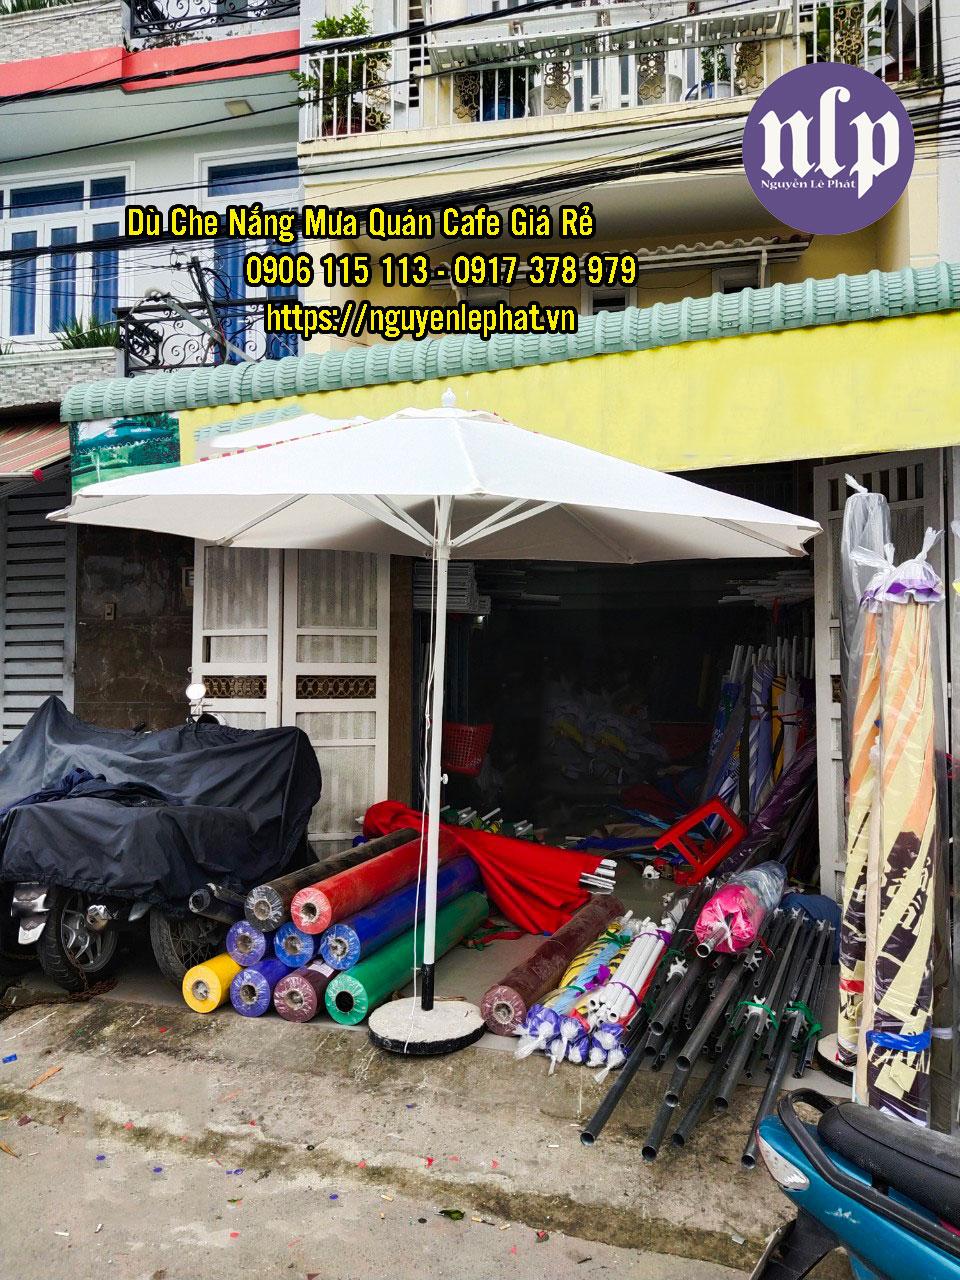 Dù Che Quán Cafe tại Tây Ninh